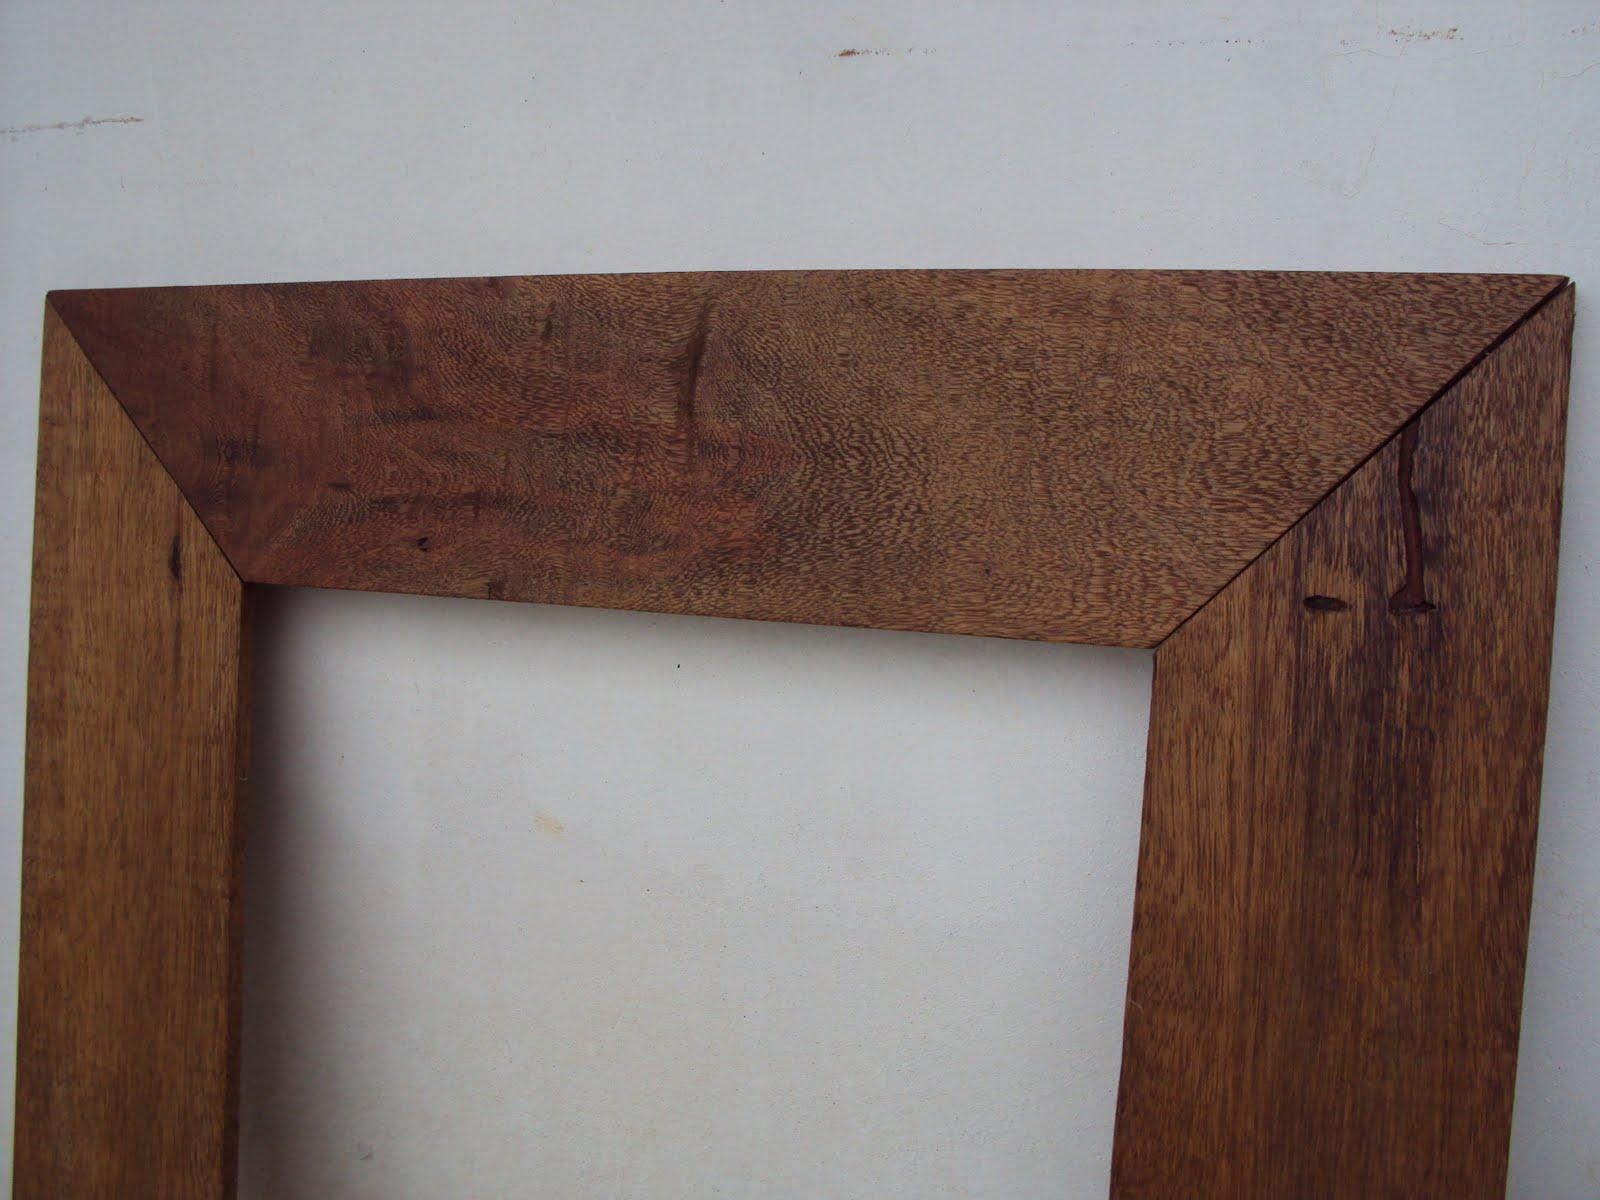 Artes do Dinho: Moldura em madeira de demolição #482A21 1600x1200 Balcao Banheiro Artesanal